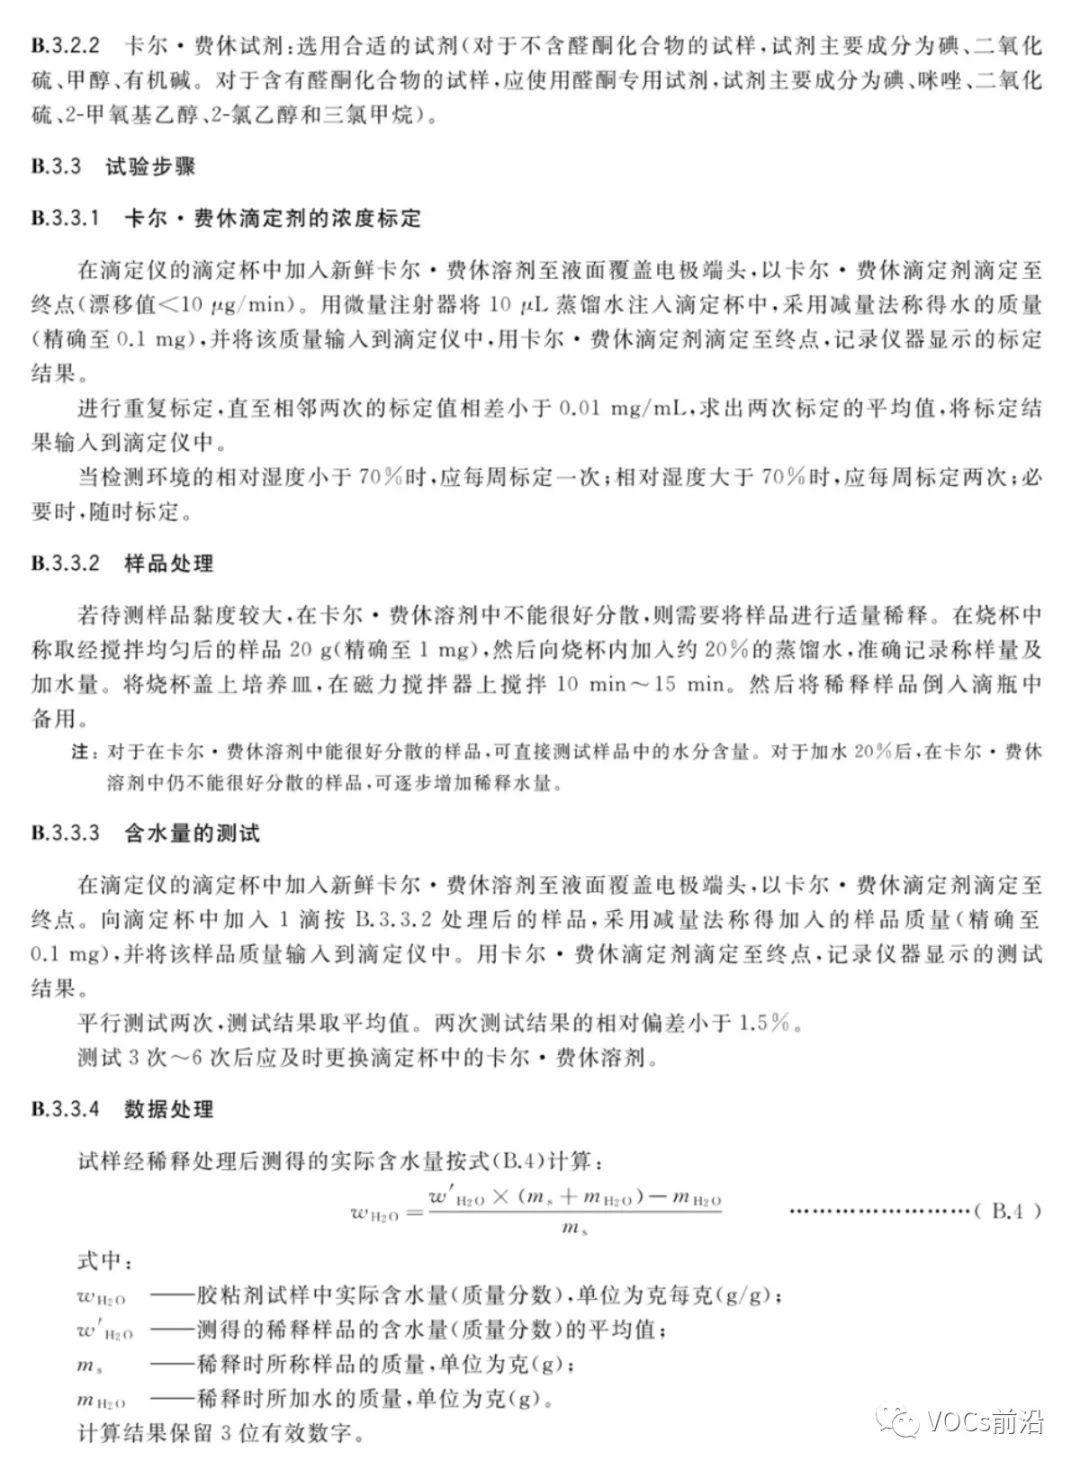 《胶粘剂挥发性有机化合物限量》升级为强制性国际,12月1日起实施